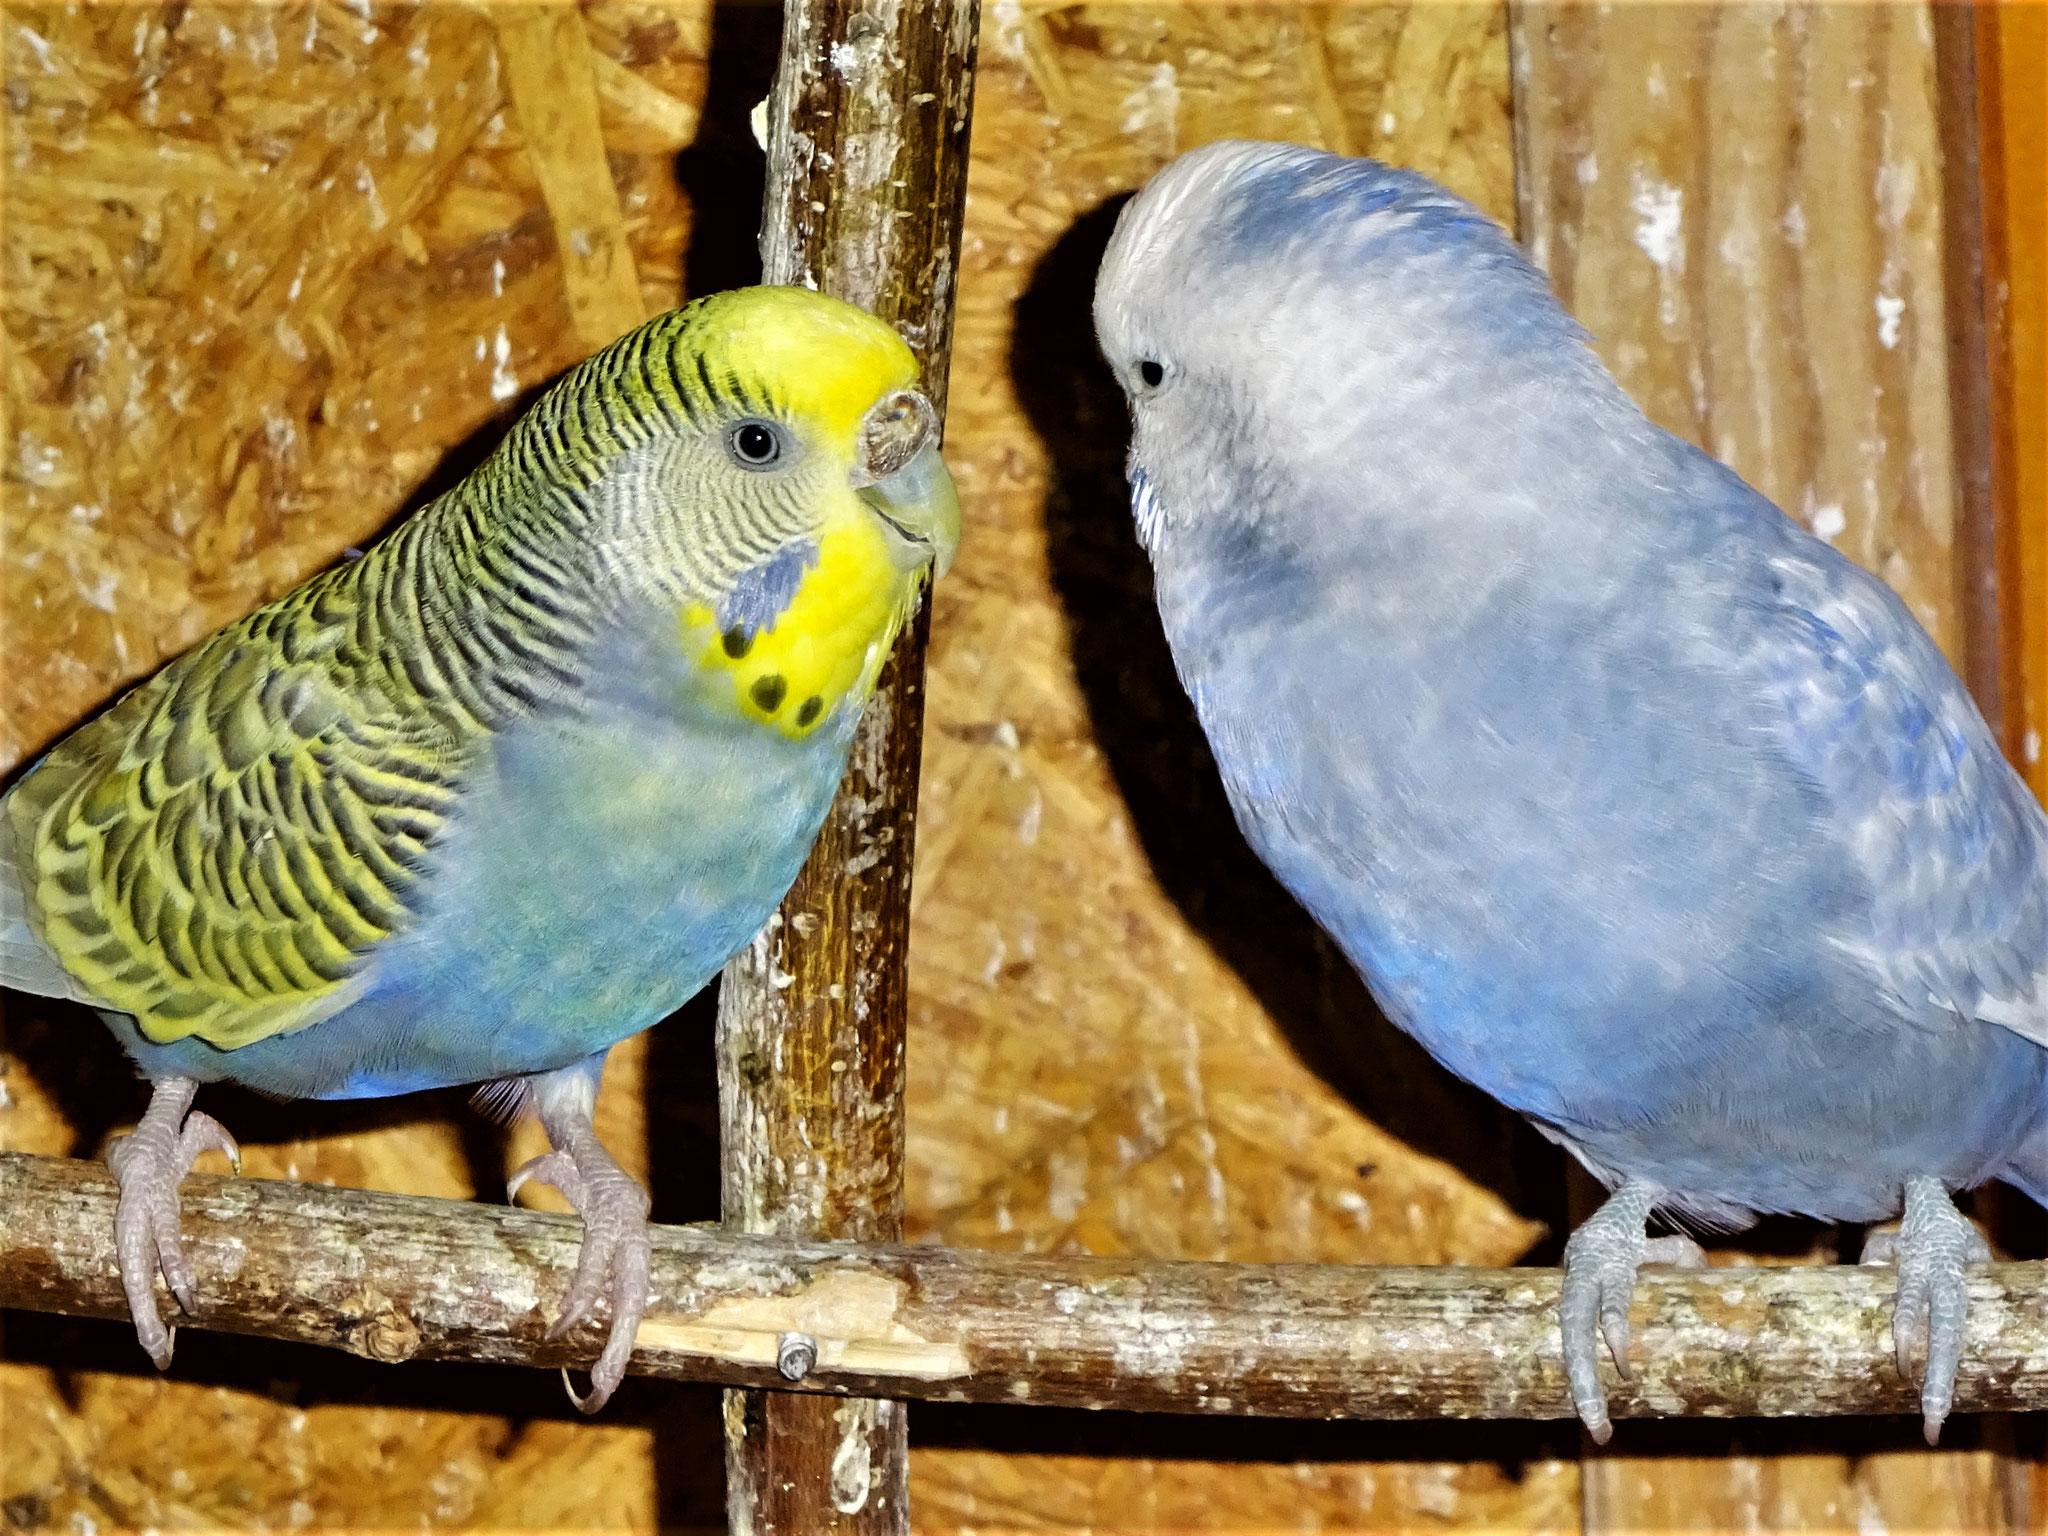 Tini und Monty beim flirten